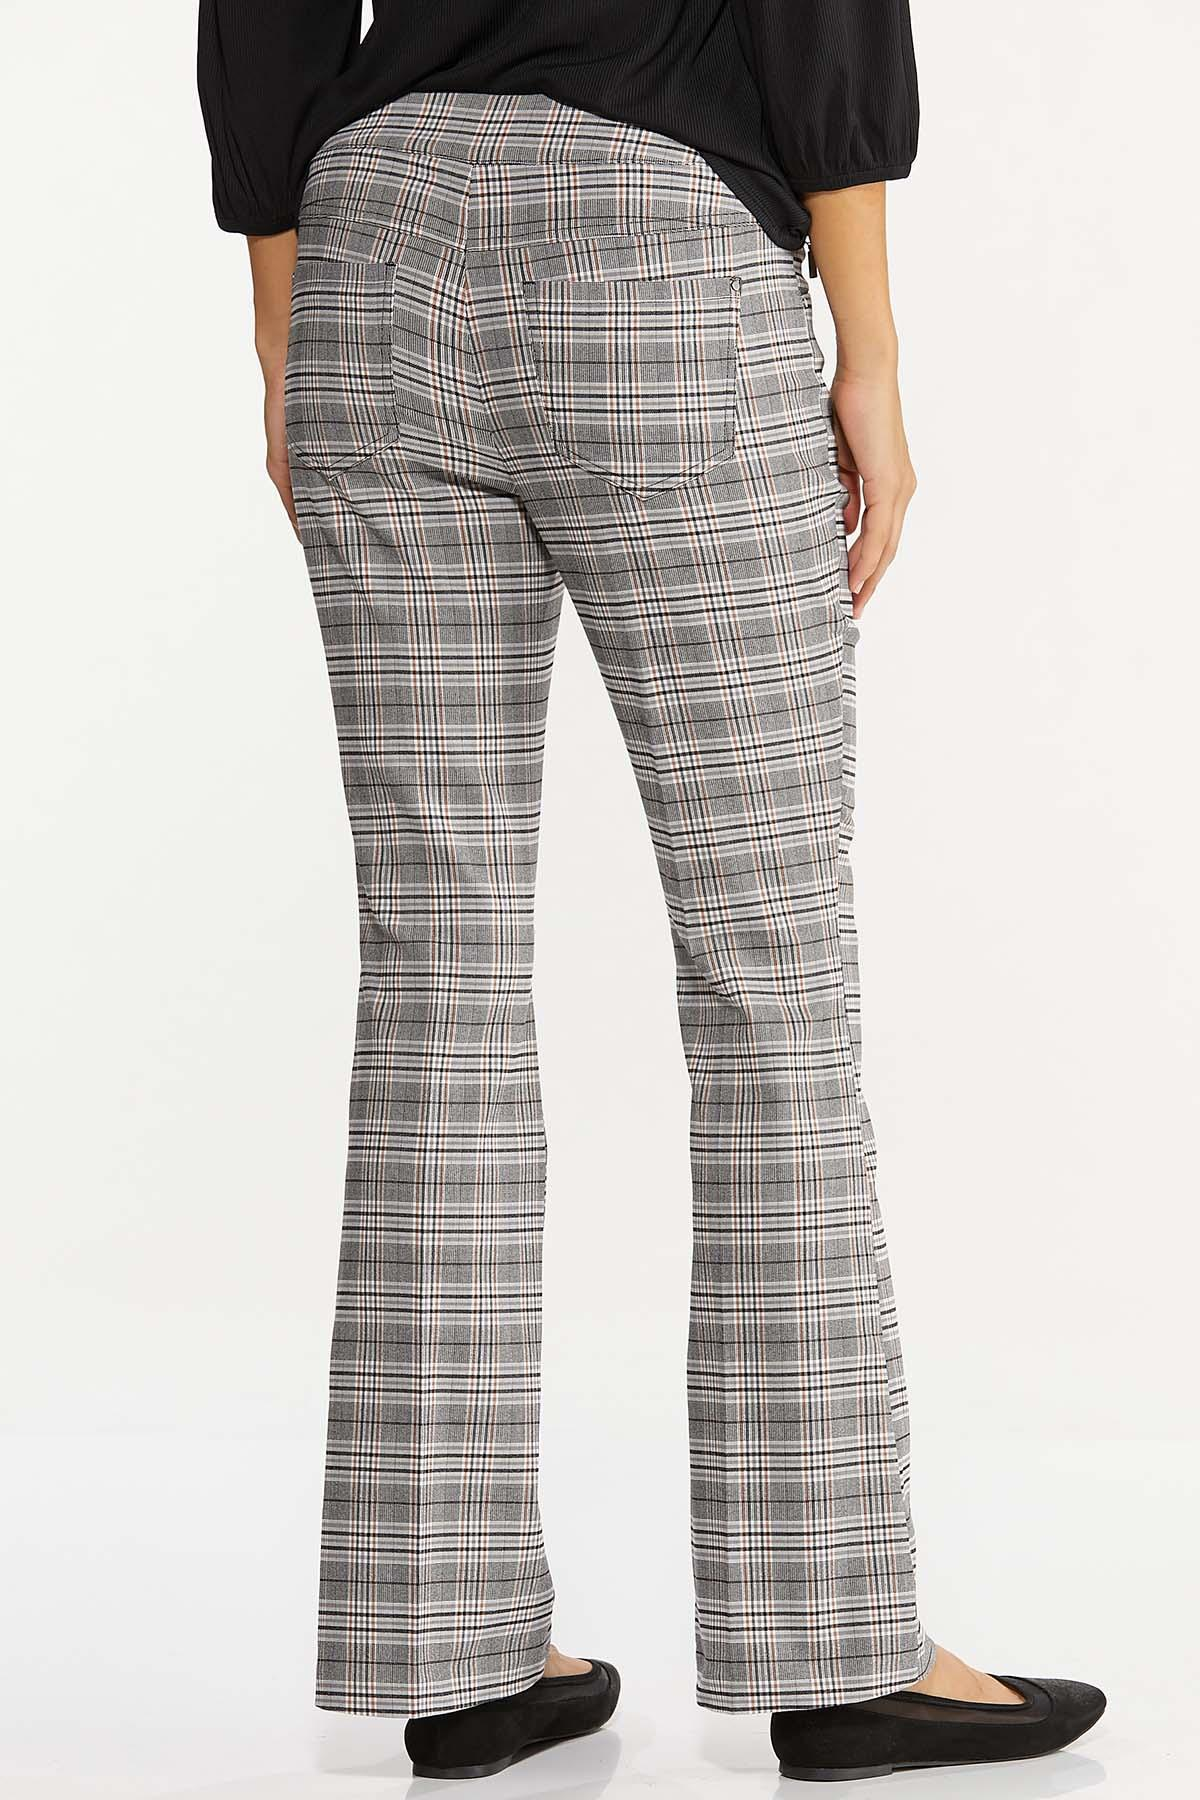 Plaid Bengaline Pants (Item #44661173)